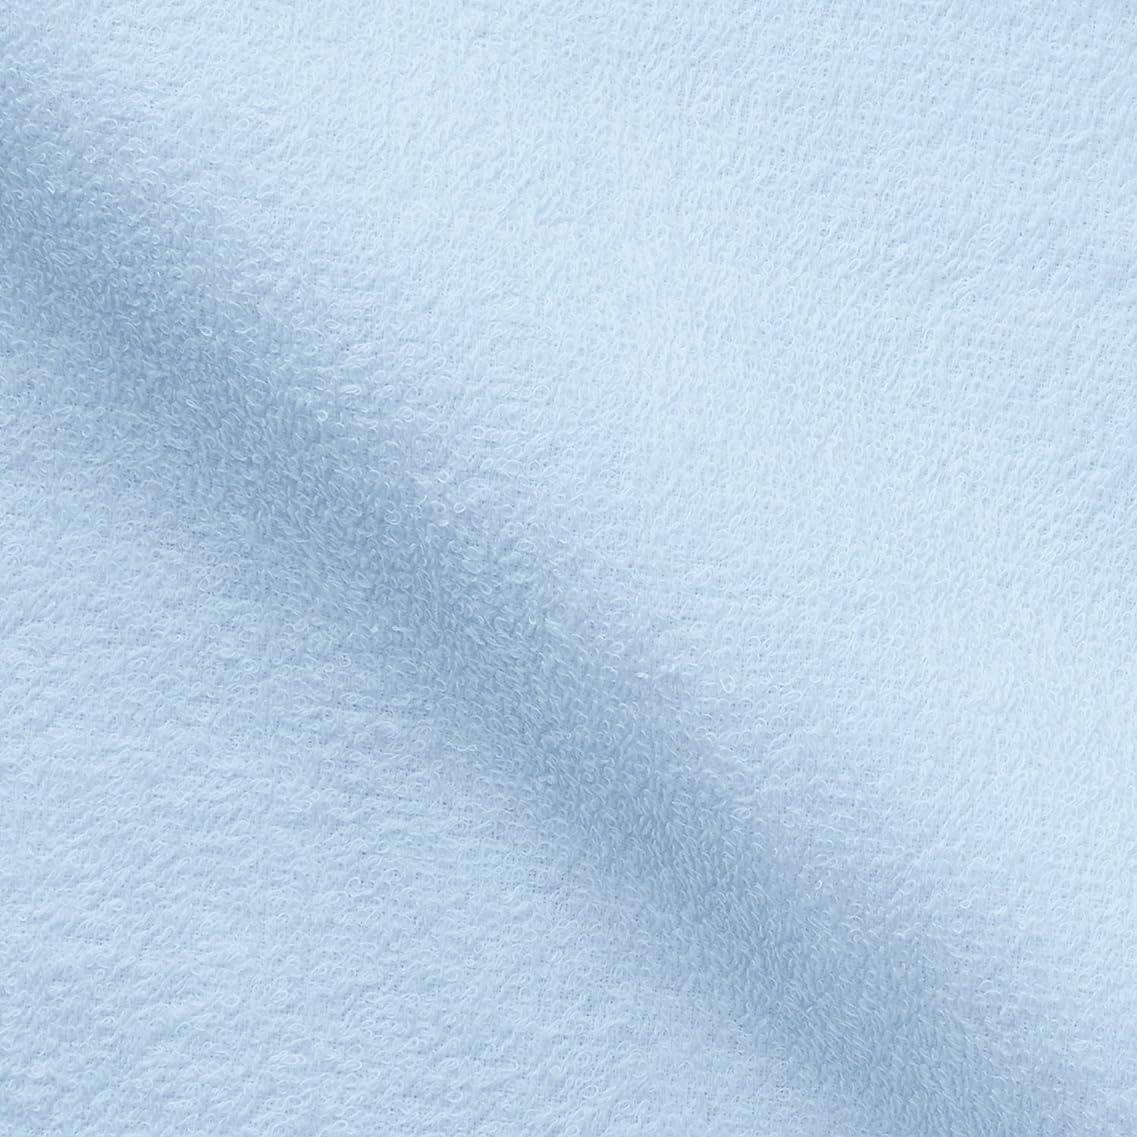 造船軽蔑する丘キヨタ 抗菌介護タオル(フェイスタオル12枚入) ブルー 34×84cm